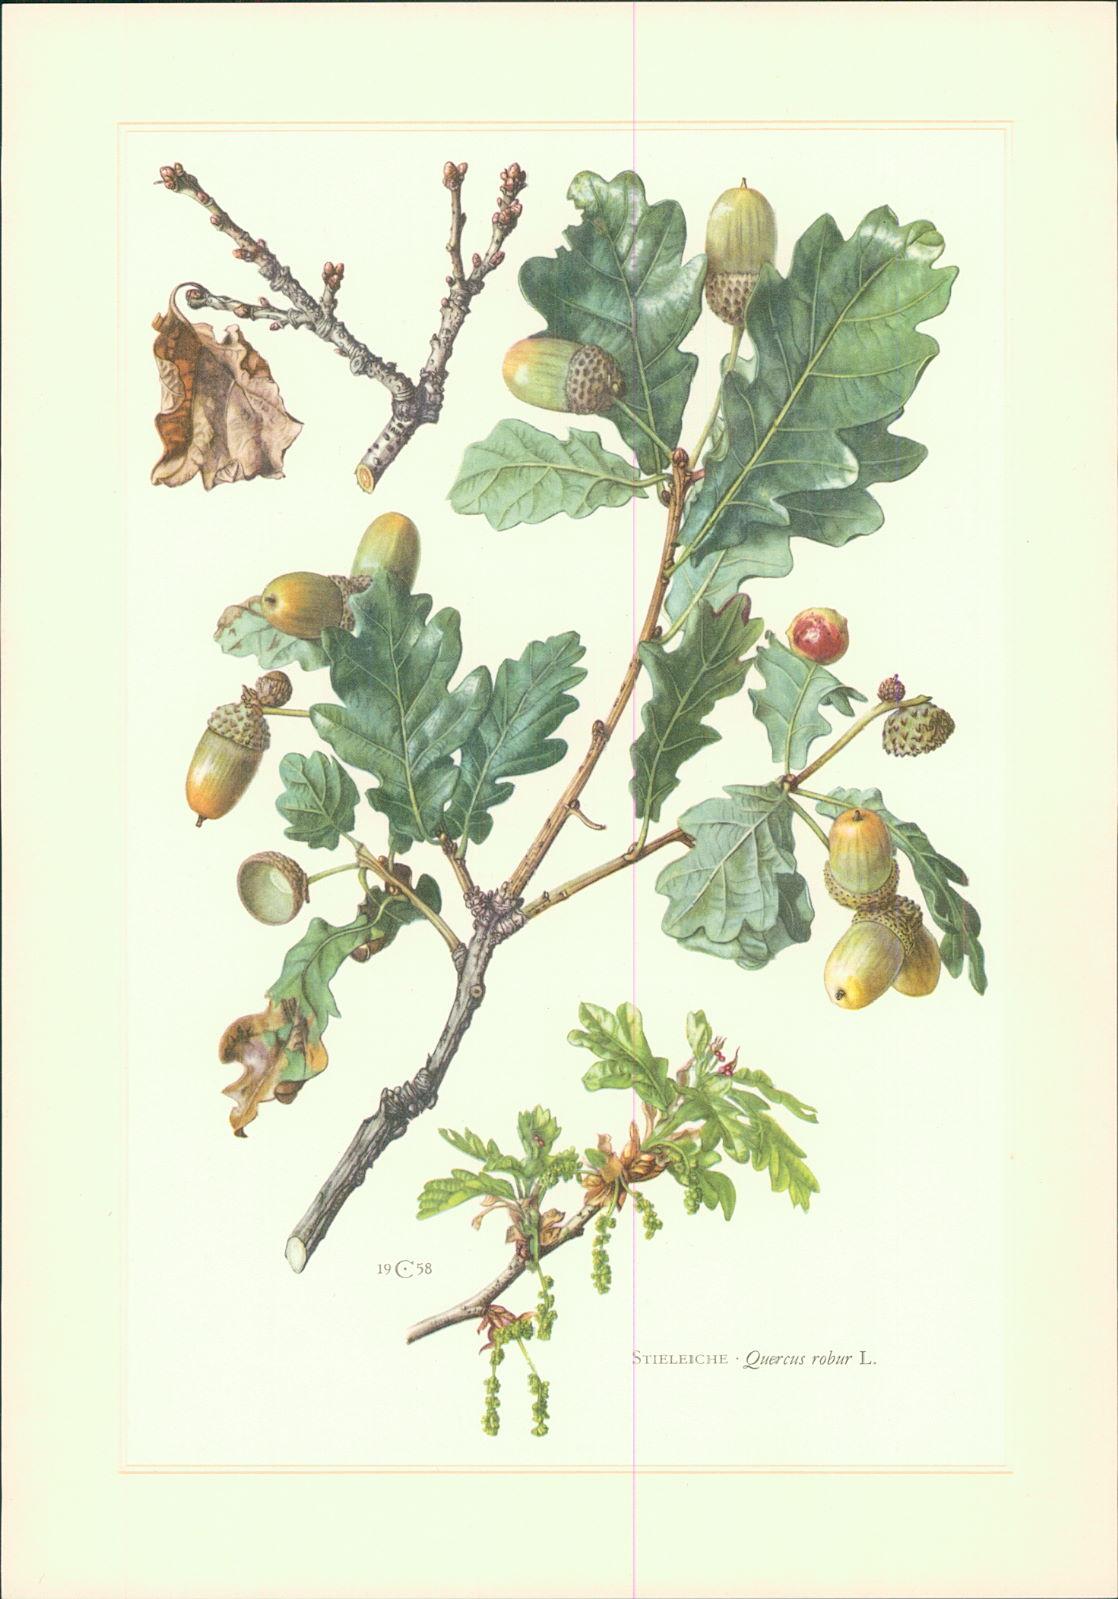 Caspari, Claus: Kunstdruck - Offsetdruck. Claus Caspari : Stieleiche - Quercus robur L. Farboffsetdruck. Offset-Lithographie von C. Caspari. 2. Aufl.